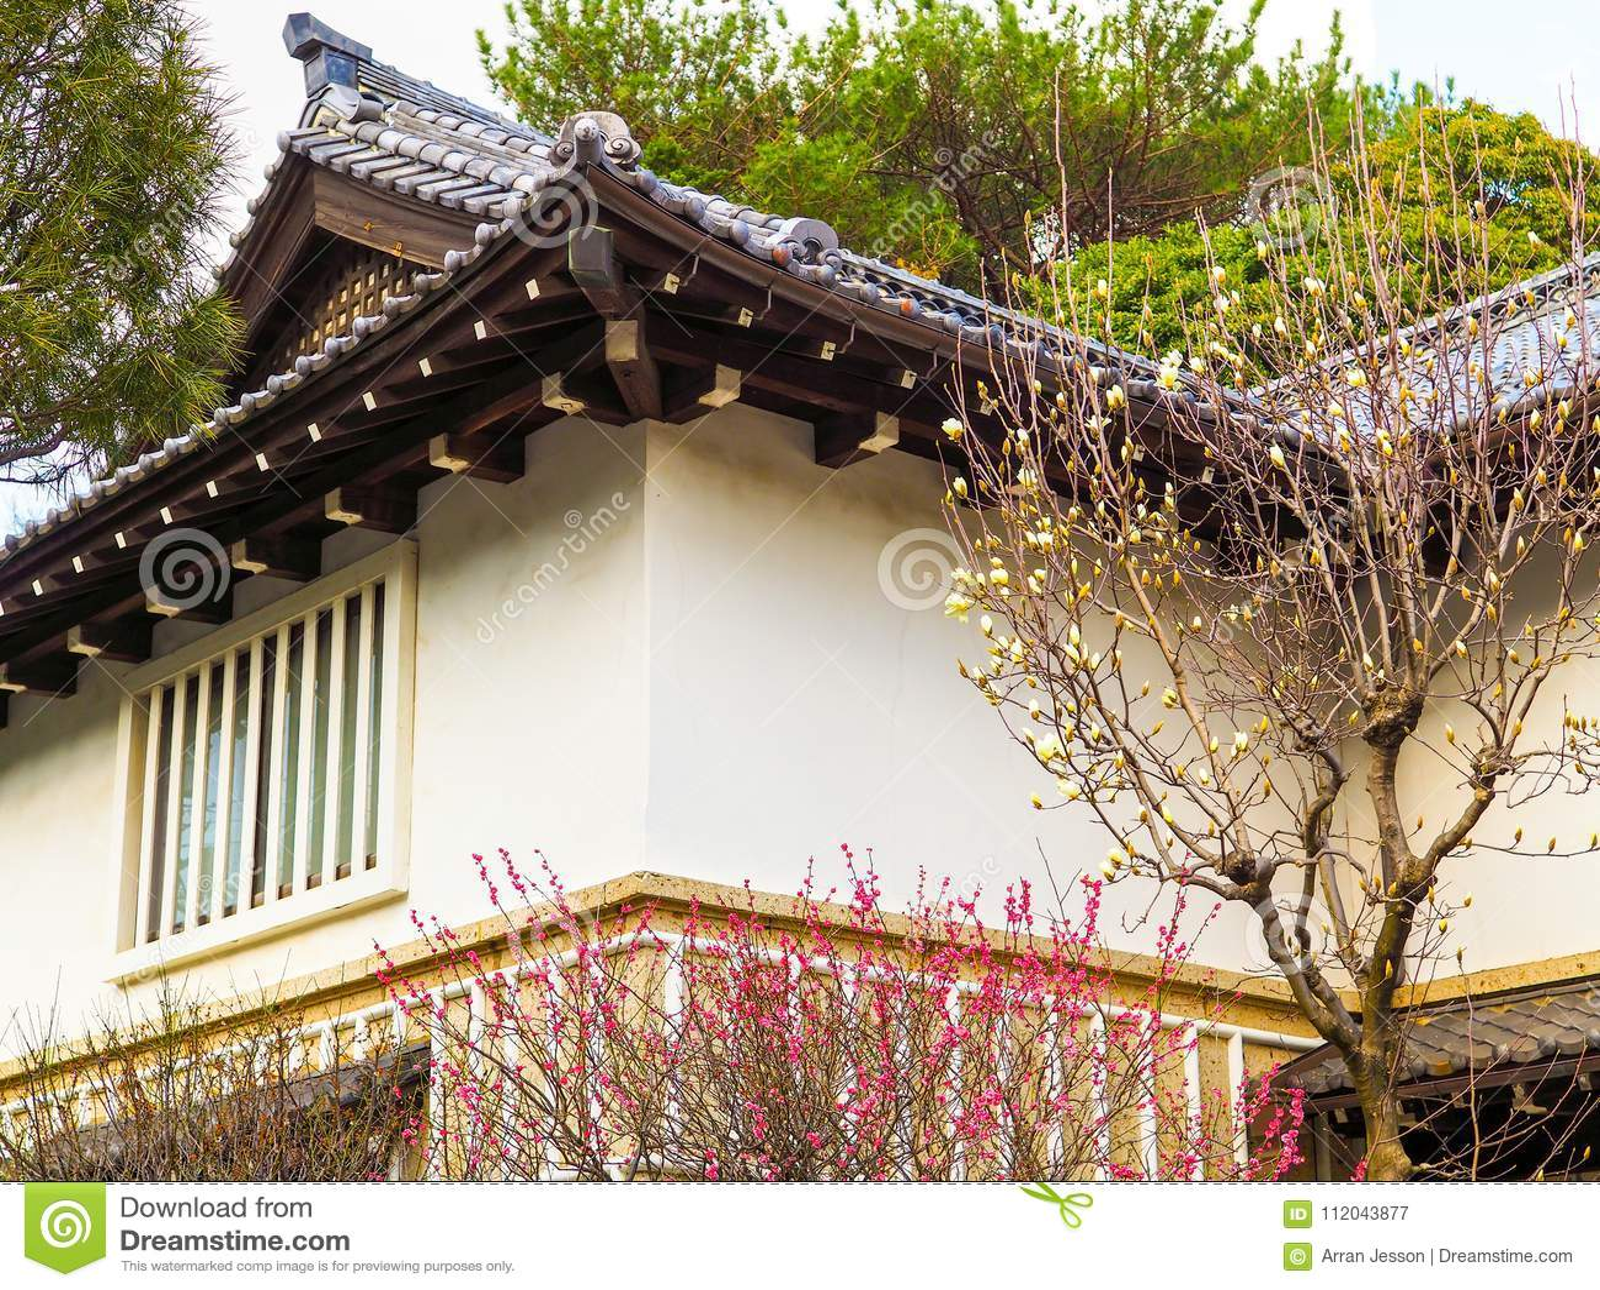 Le Ressort Du Japon Se Developpe Dans Rose Et Blanc Avec La Maison Japonaise Traditionnelle A L Arriere Plan Image Stock Image Du Japan Fleur 112043877